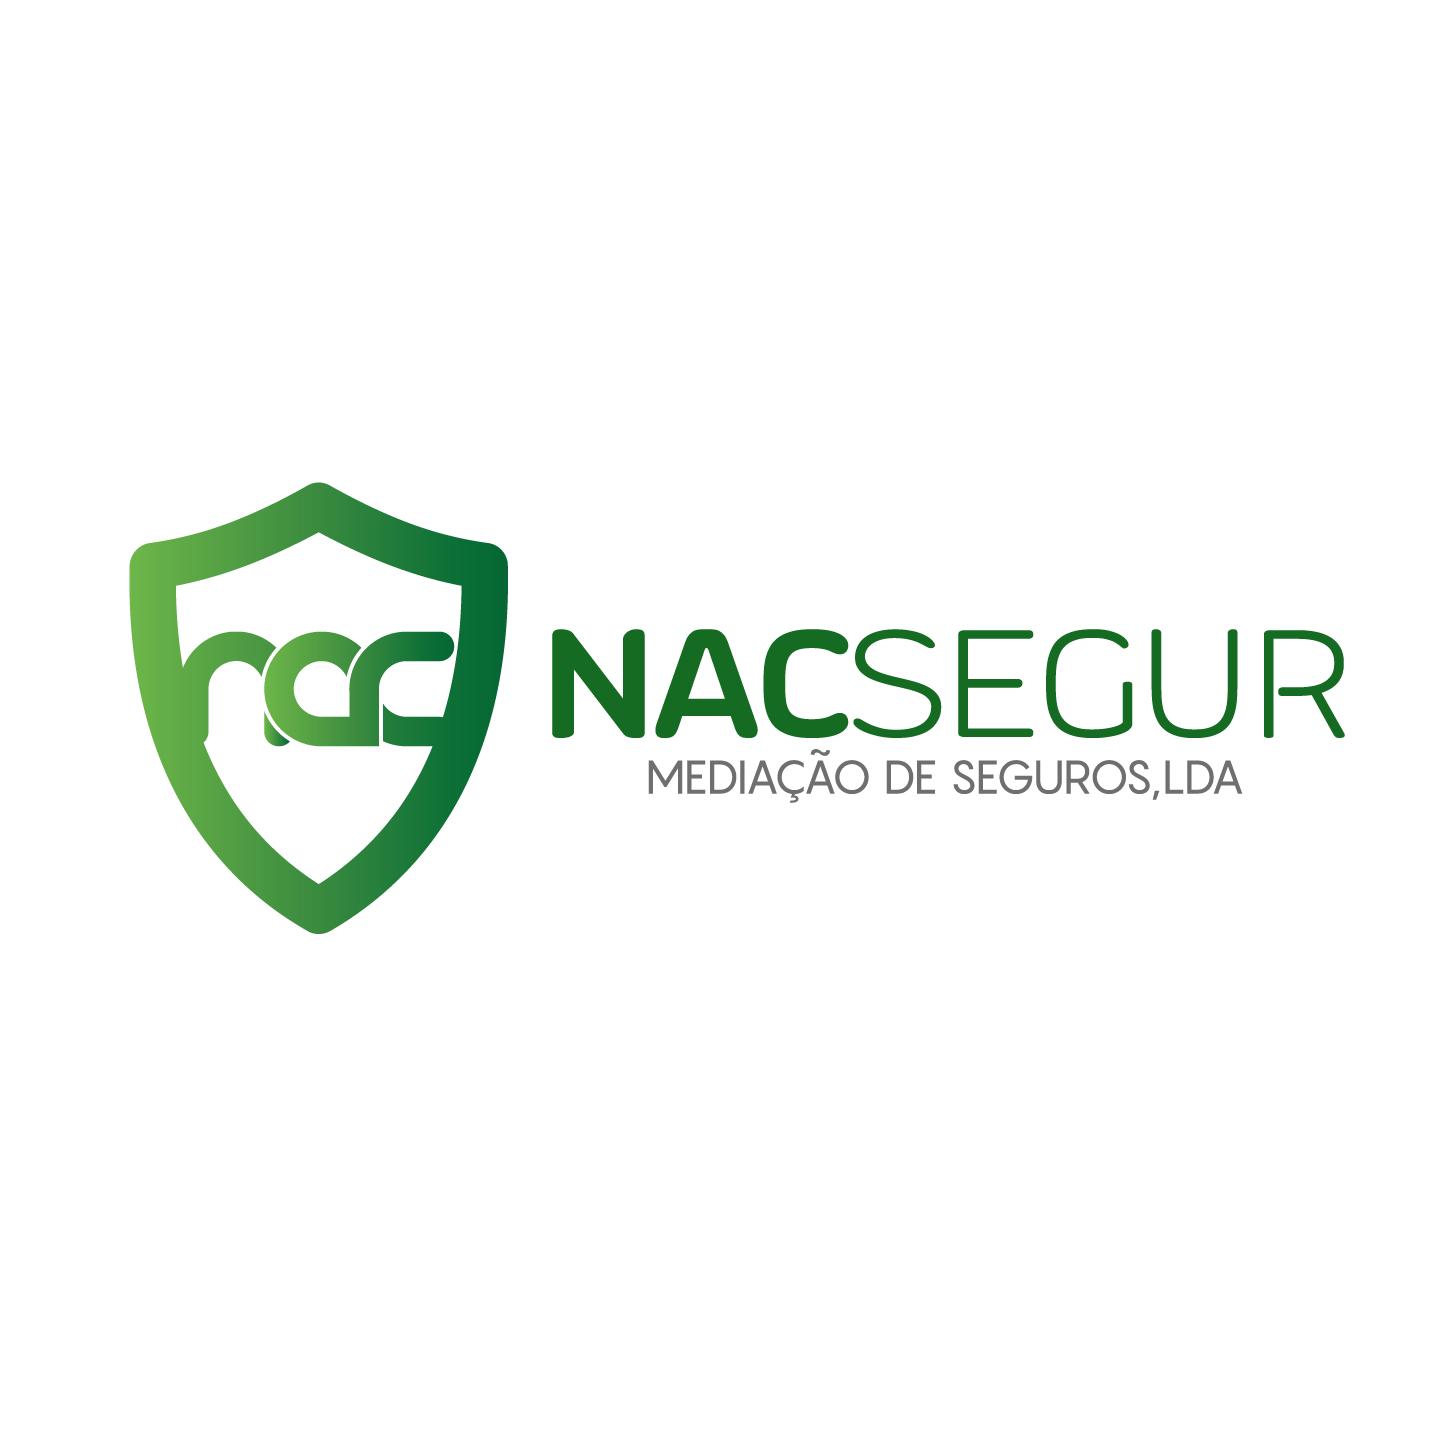 TRANQUILIDADE: Agente Nacsegur Mediação Seguros Lda.